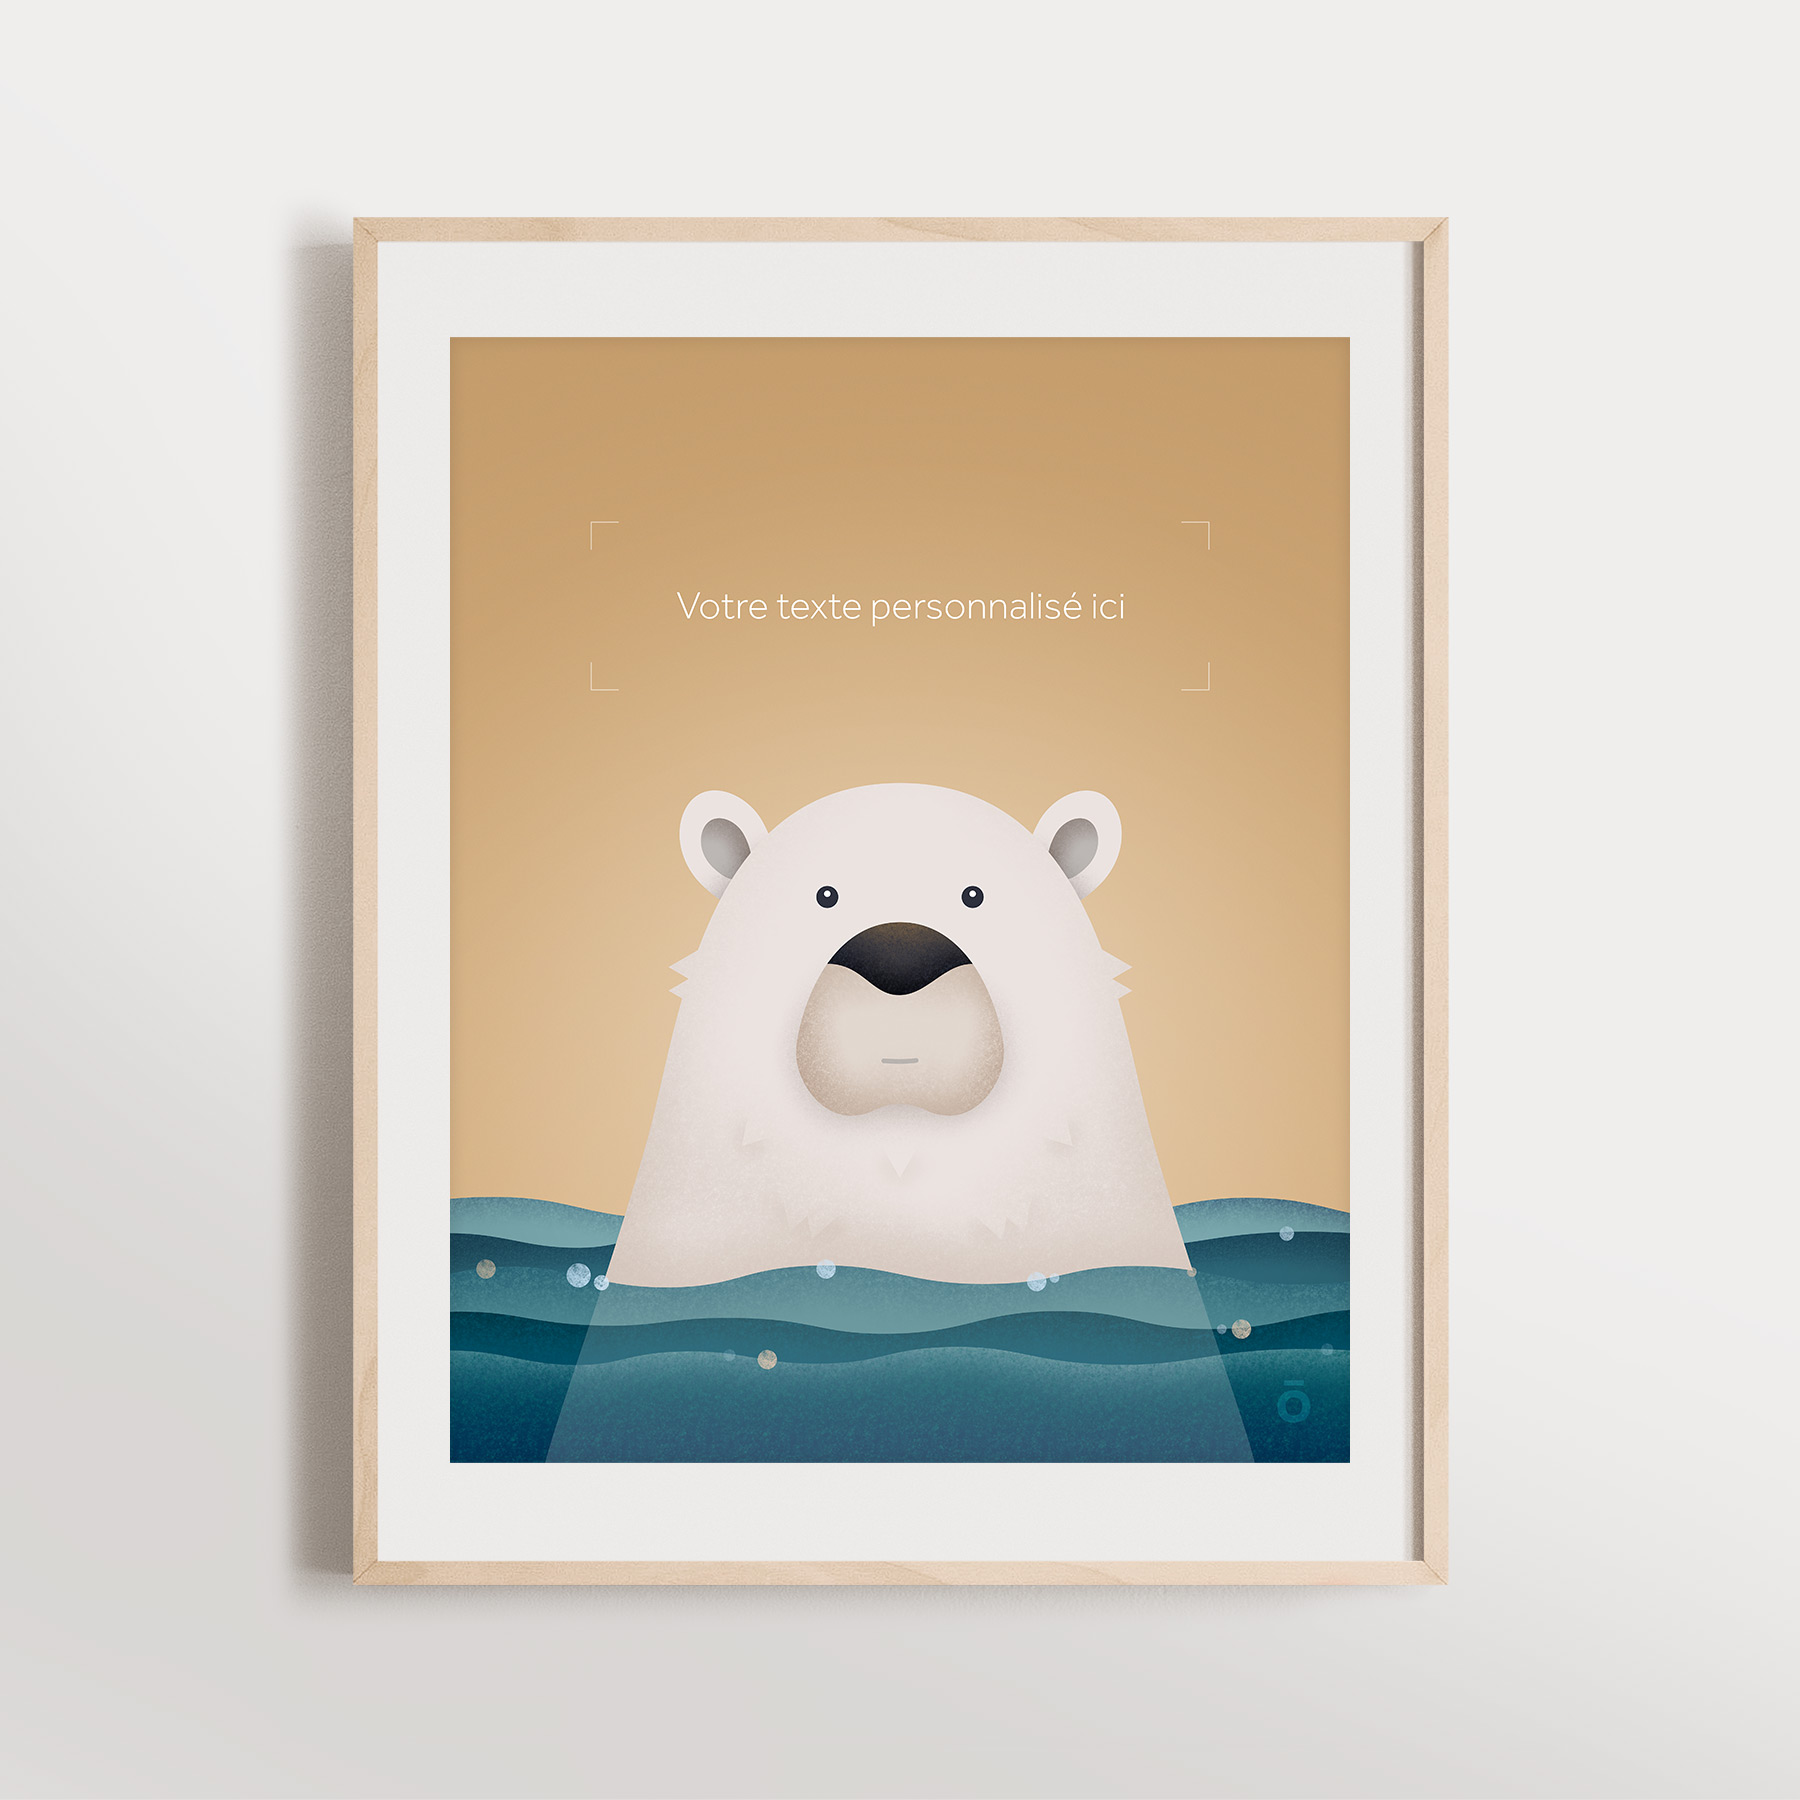 Affiche personnalisée – Ours polaire paisible (Doux souvenirs)